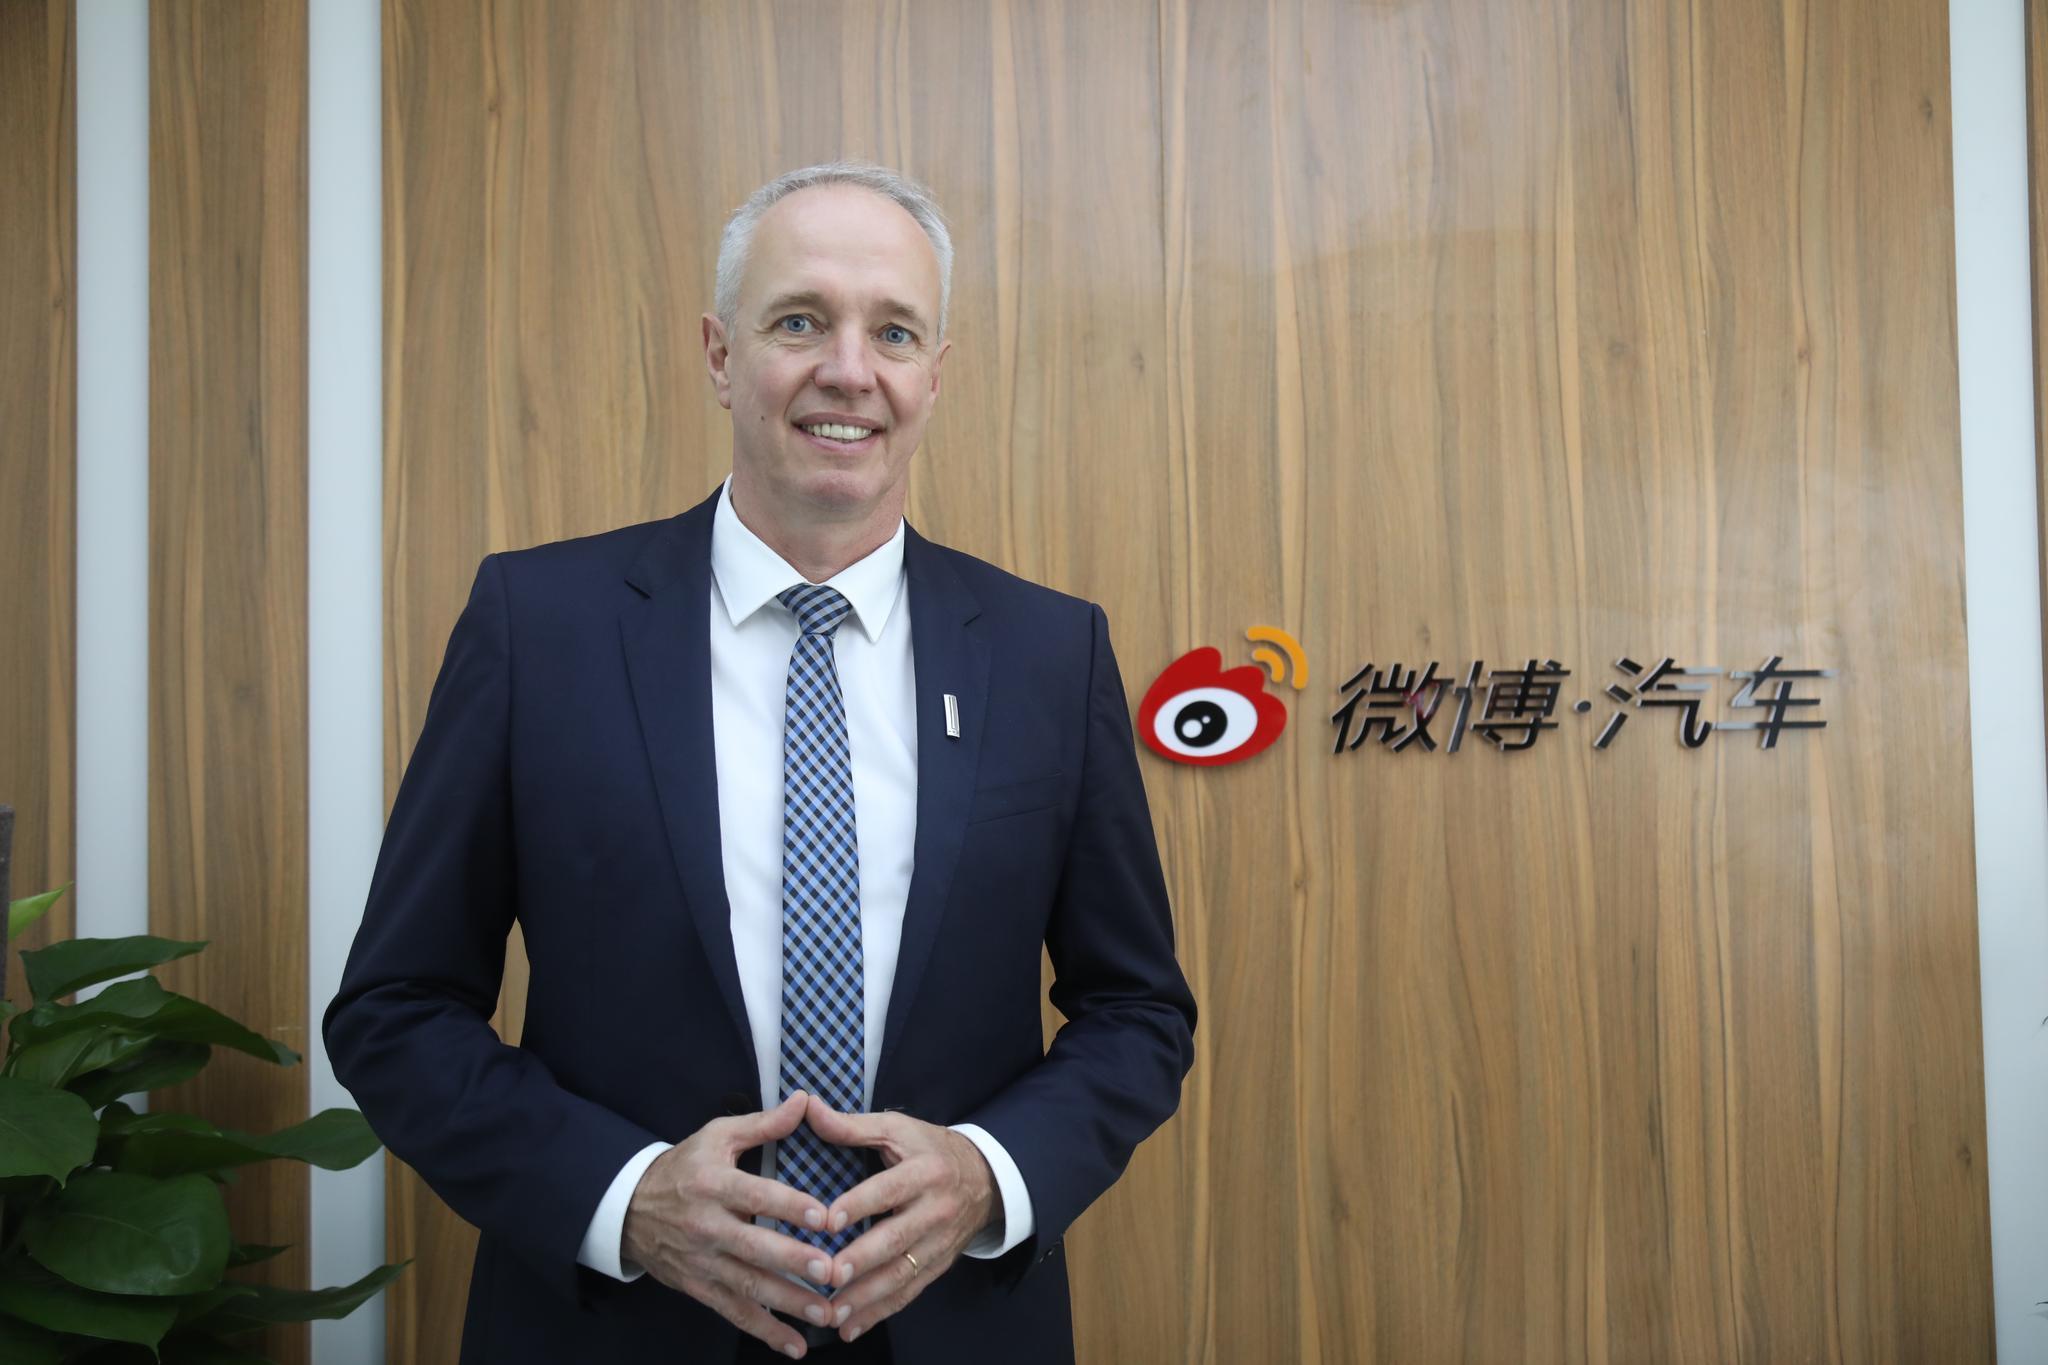 严思:WEY对标日韩品牌